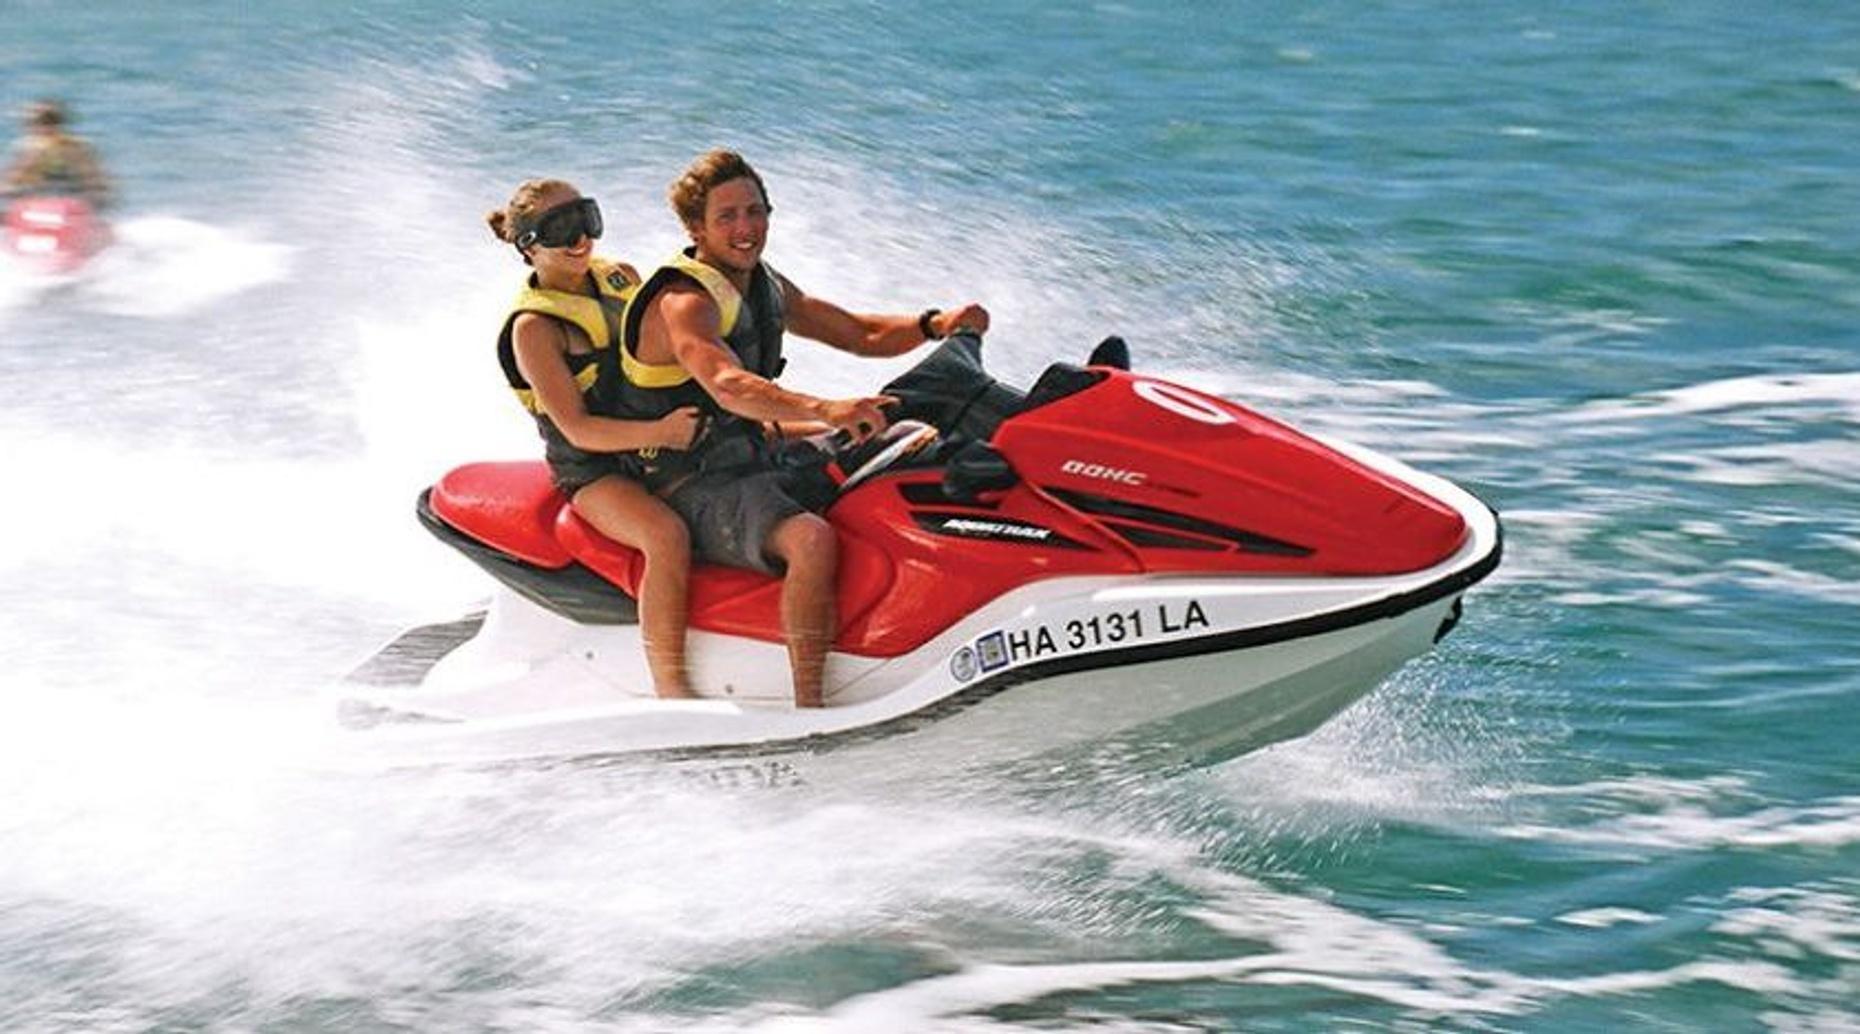 Jet Ski Rental in Miami Beach